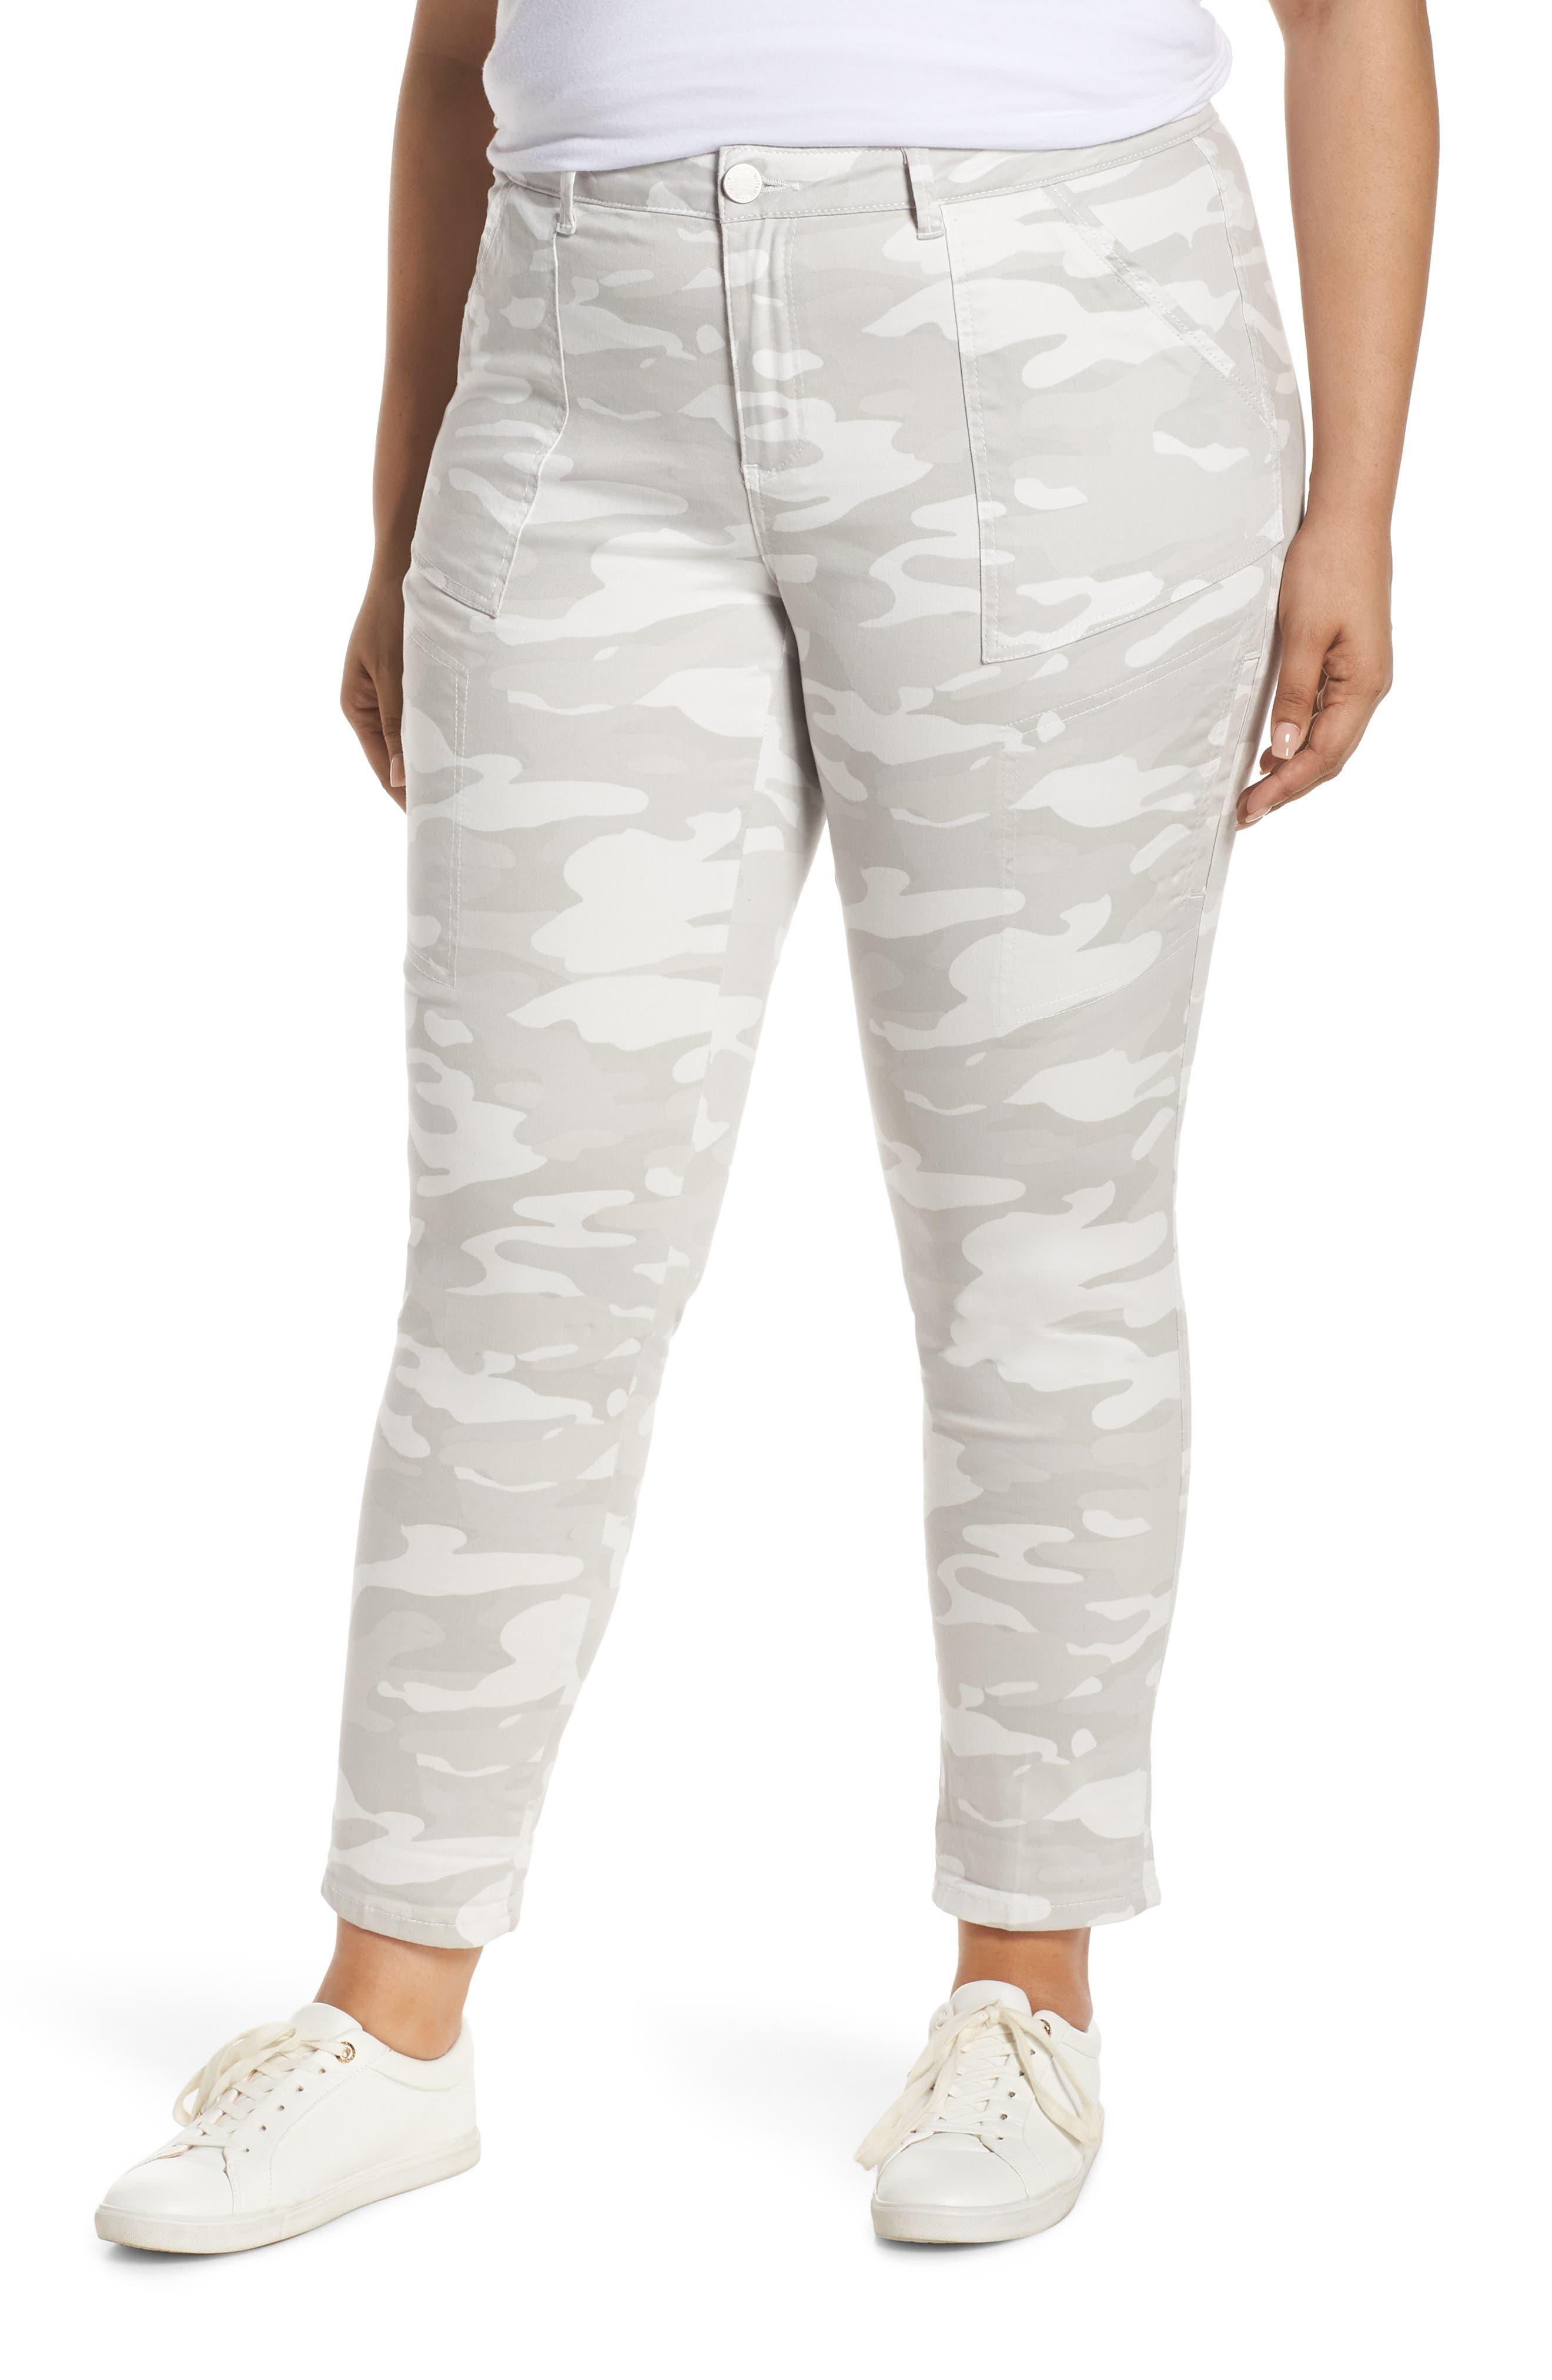 Plus Size Wit & Wisdom Flex-Ellent High Waist Stretch Cotton Cargo Pants, Grey